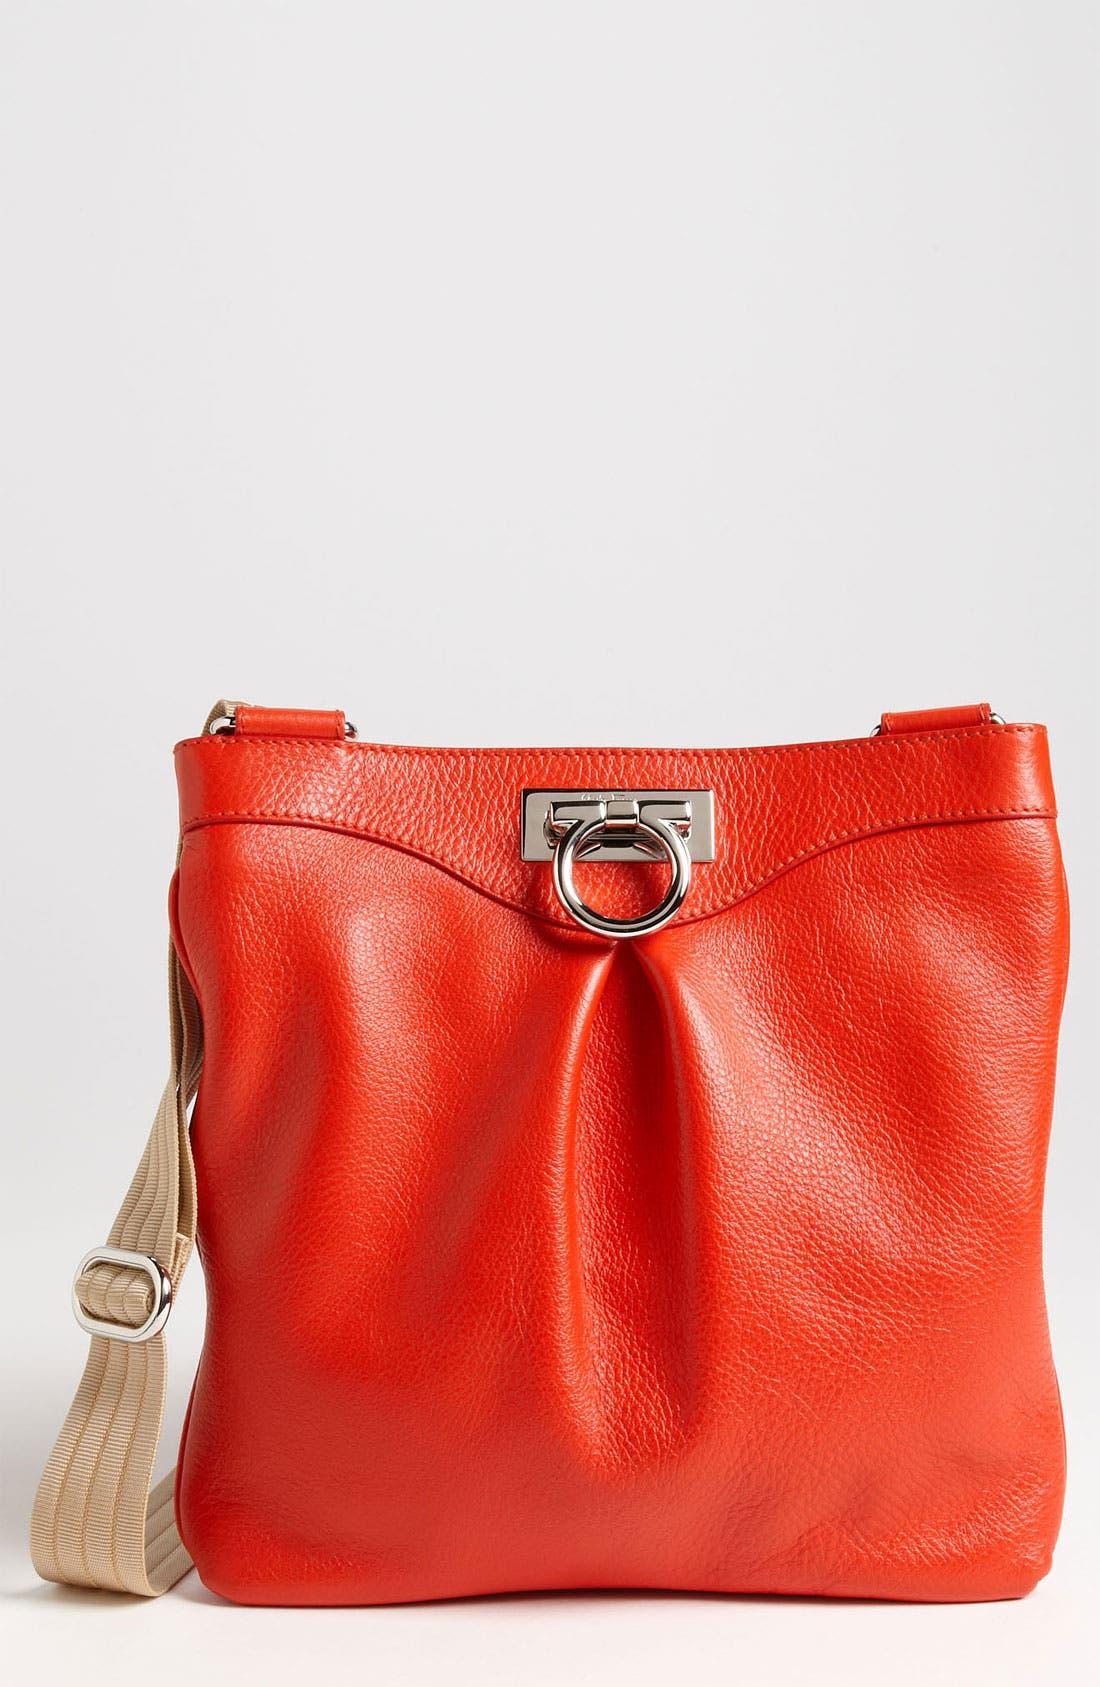 Alternate Image 1 Selected - Salvatore Ferragamo 'Grazielle Vitello' Leather Crossbody Bag